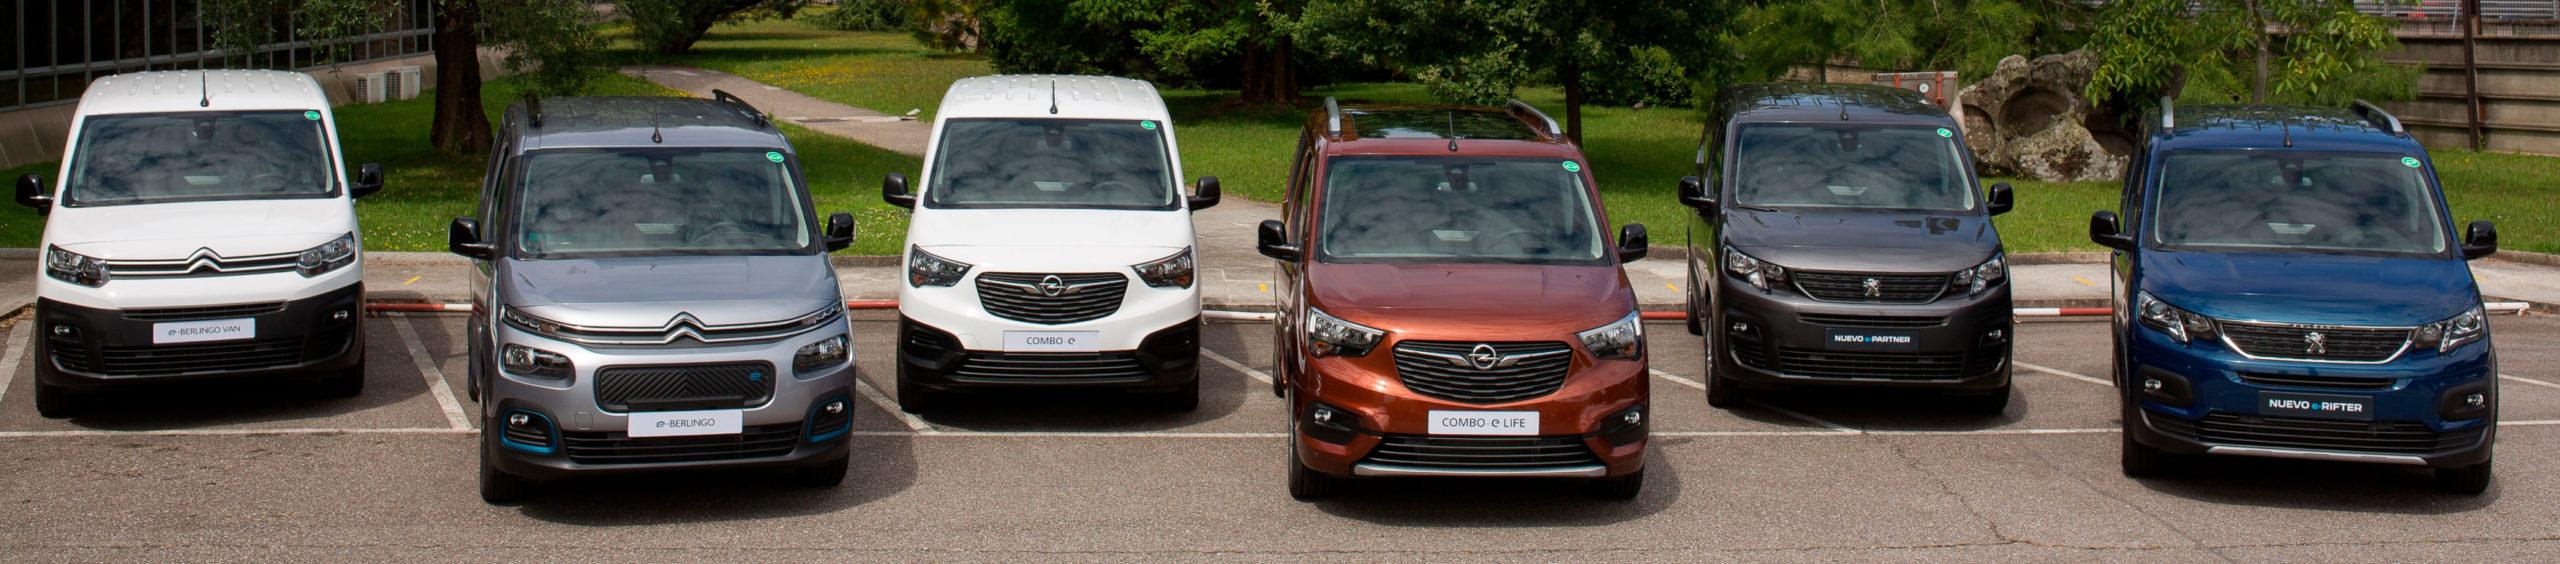 Stellantis fabrica en Vigo una nueva generación de vehículos comerciales y polivalentes 100% eléctricos